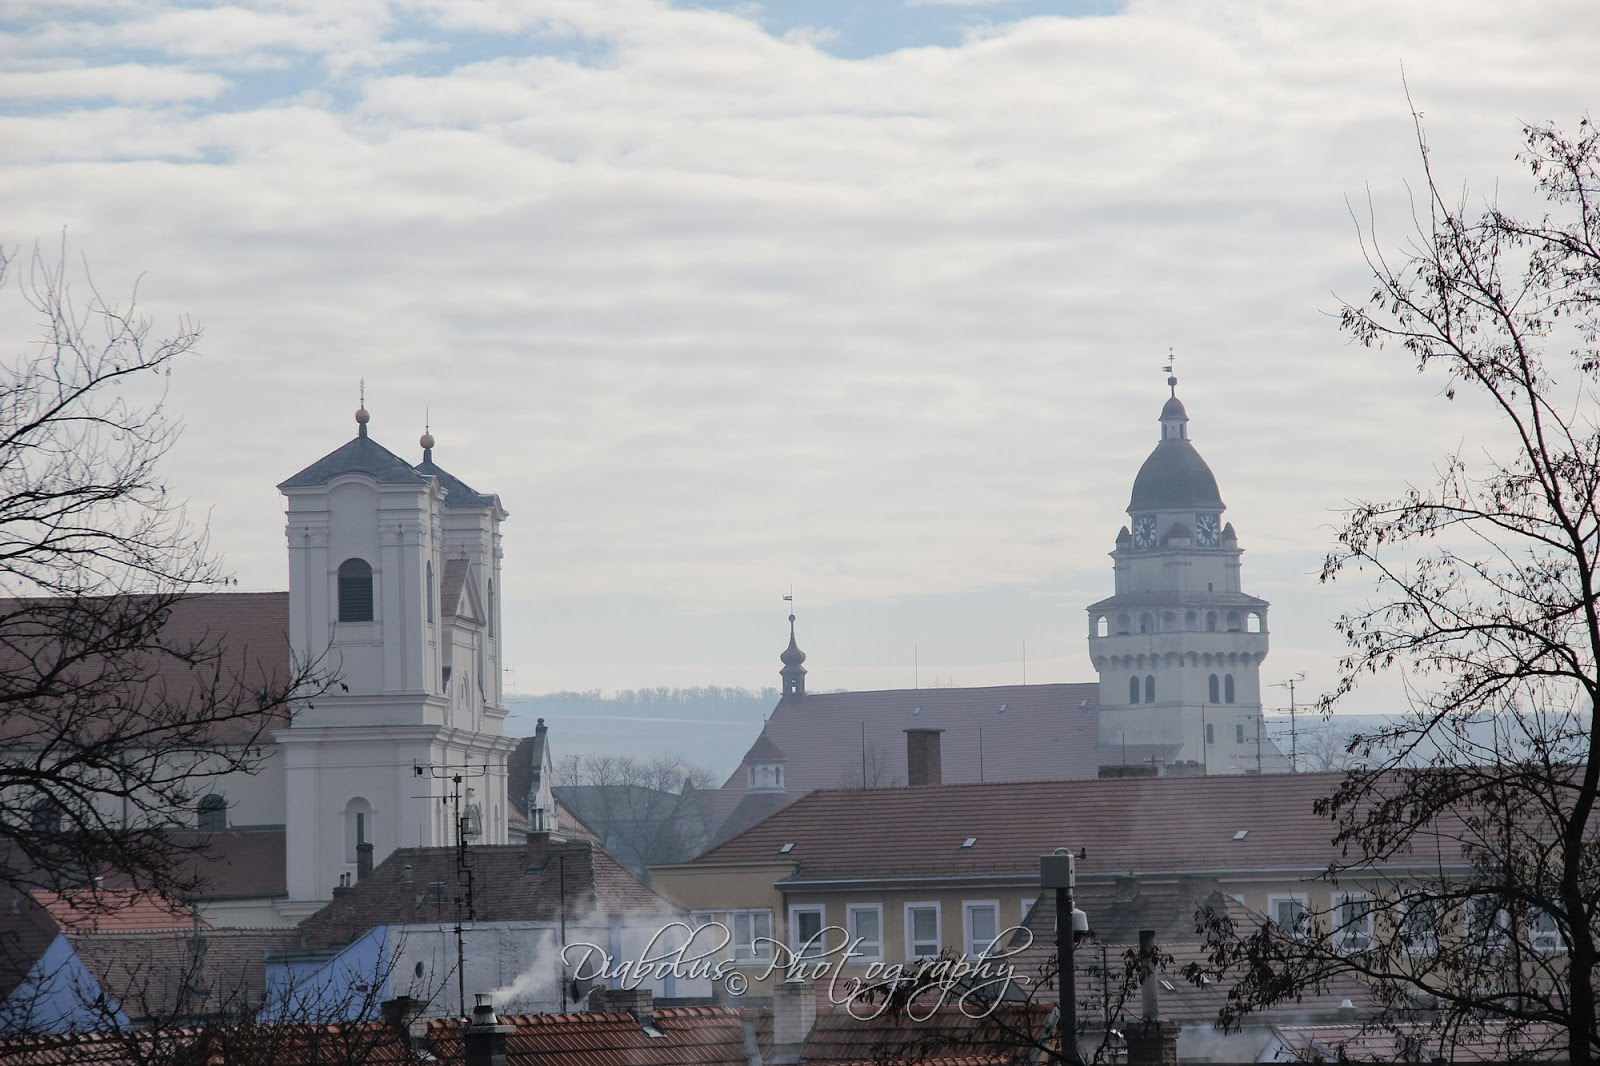 Pohled na Jezuitský klášter a evangelický kostel Sv. Michala z Kalvárie